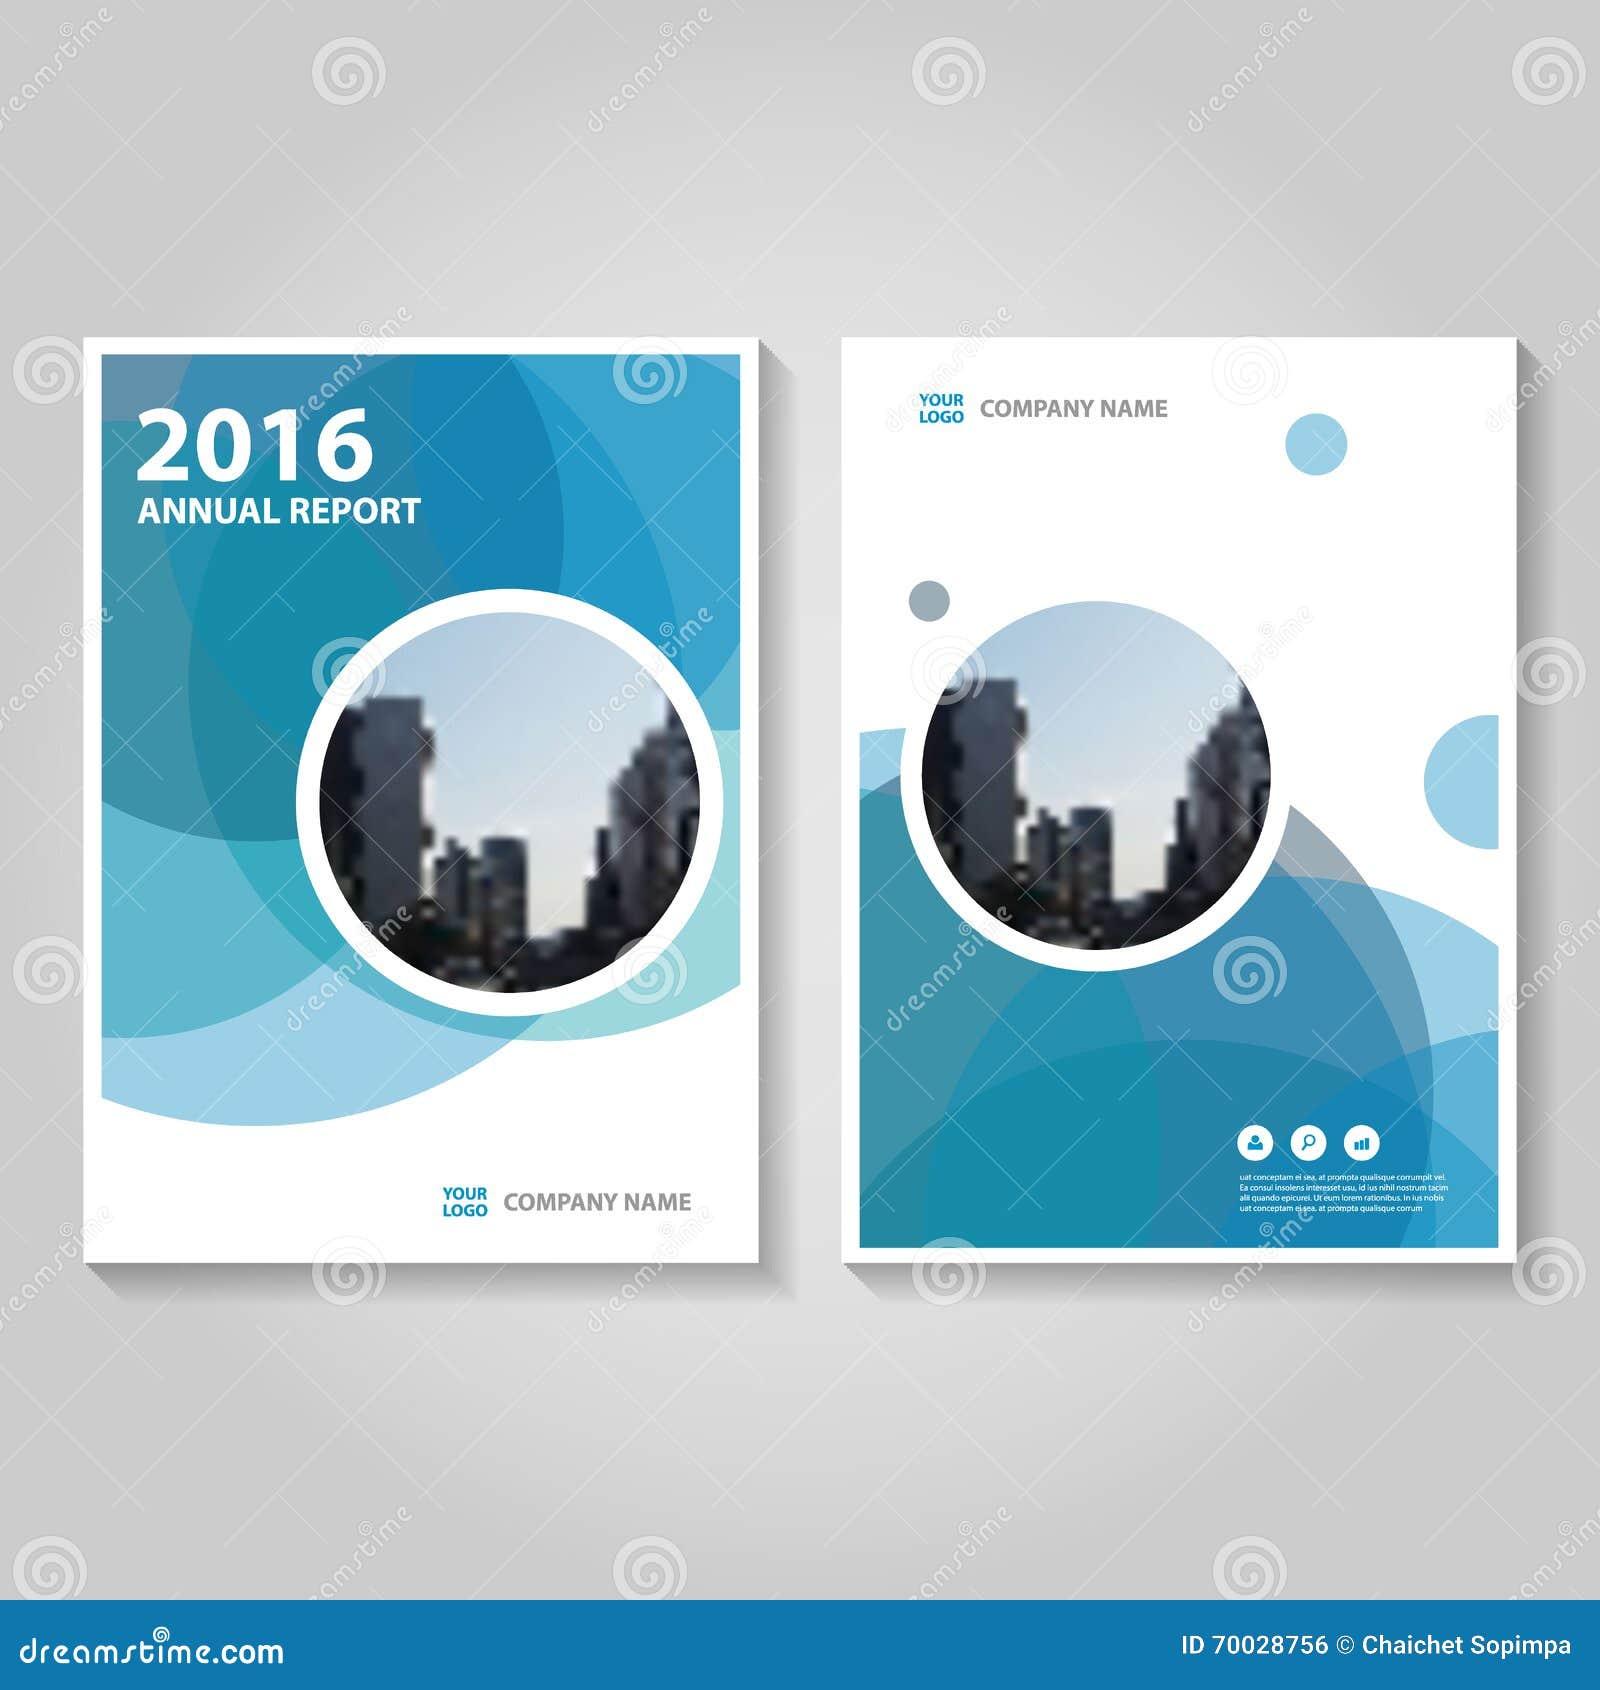 圈子蓝色六角形年终报告传单小册子飞行物模板设计,书套布局设计